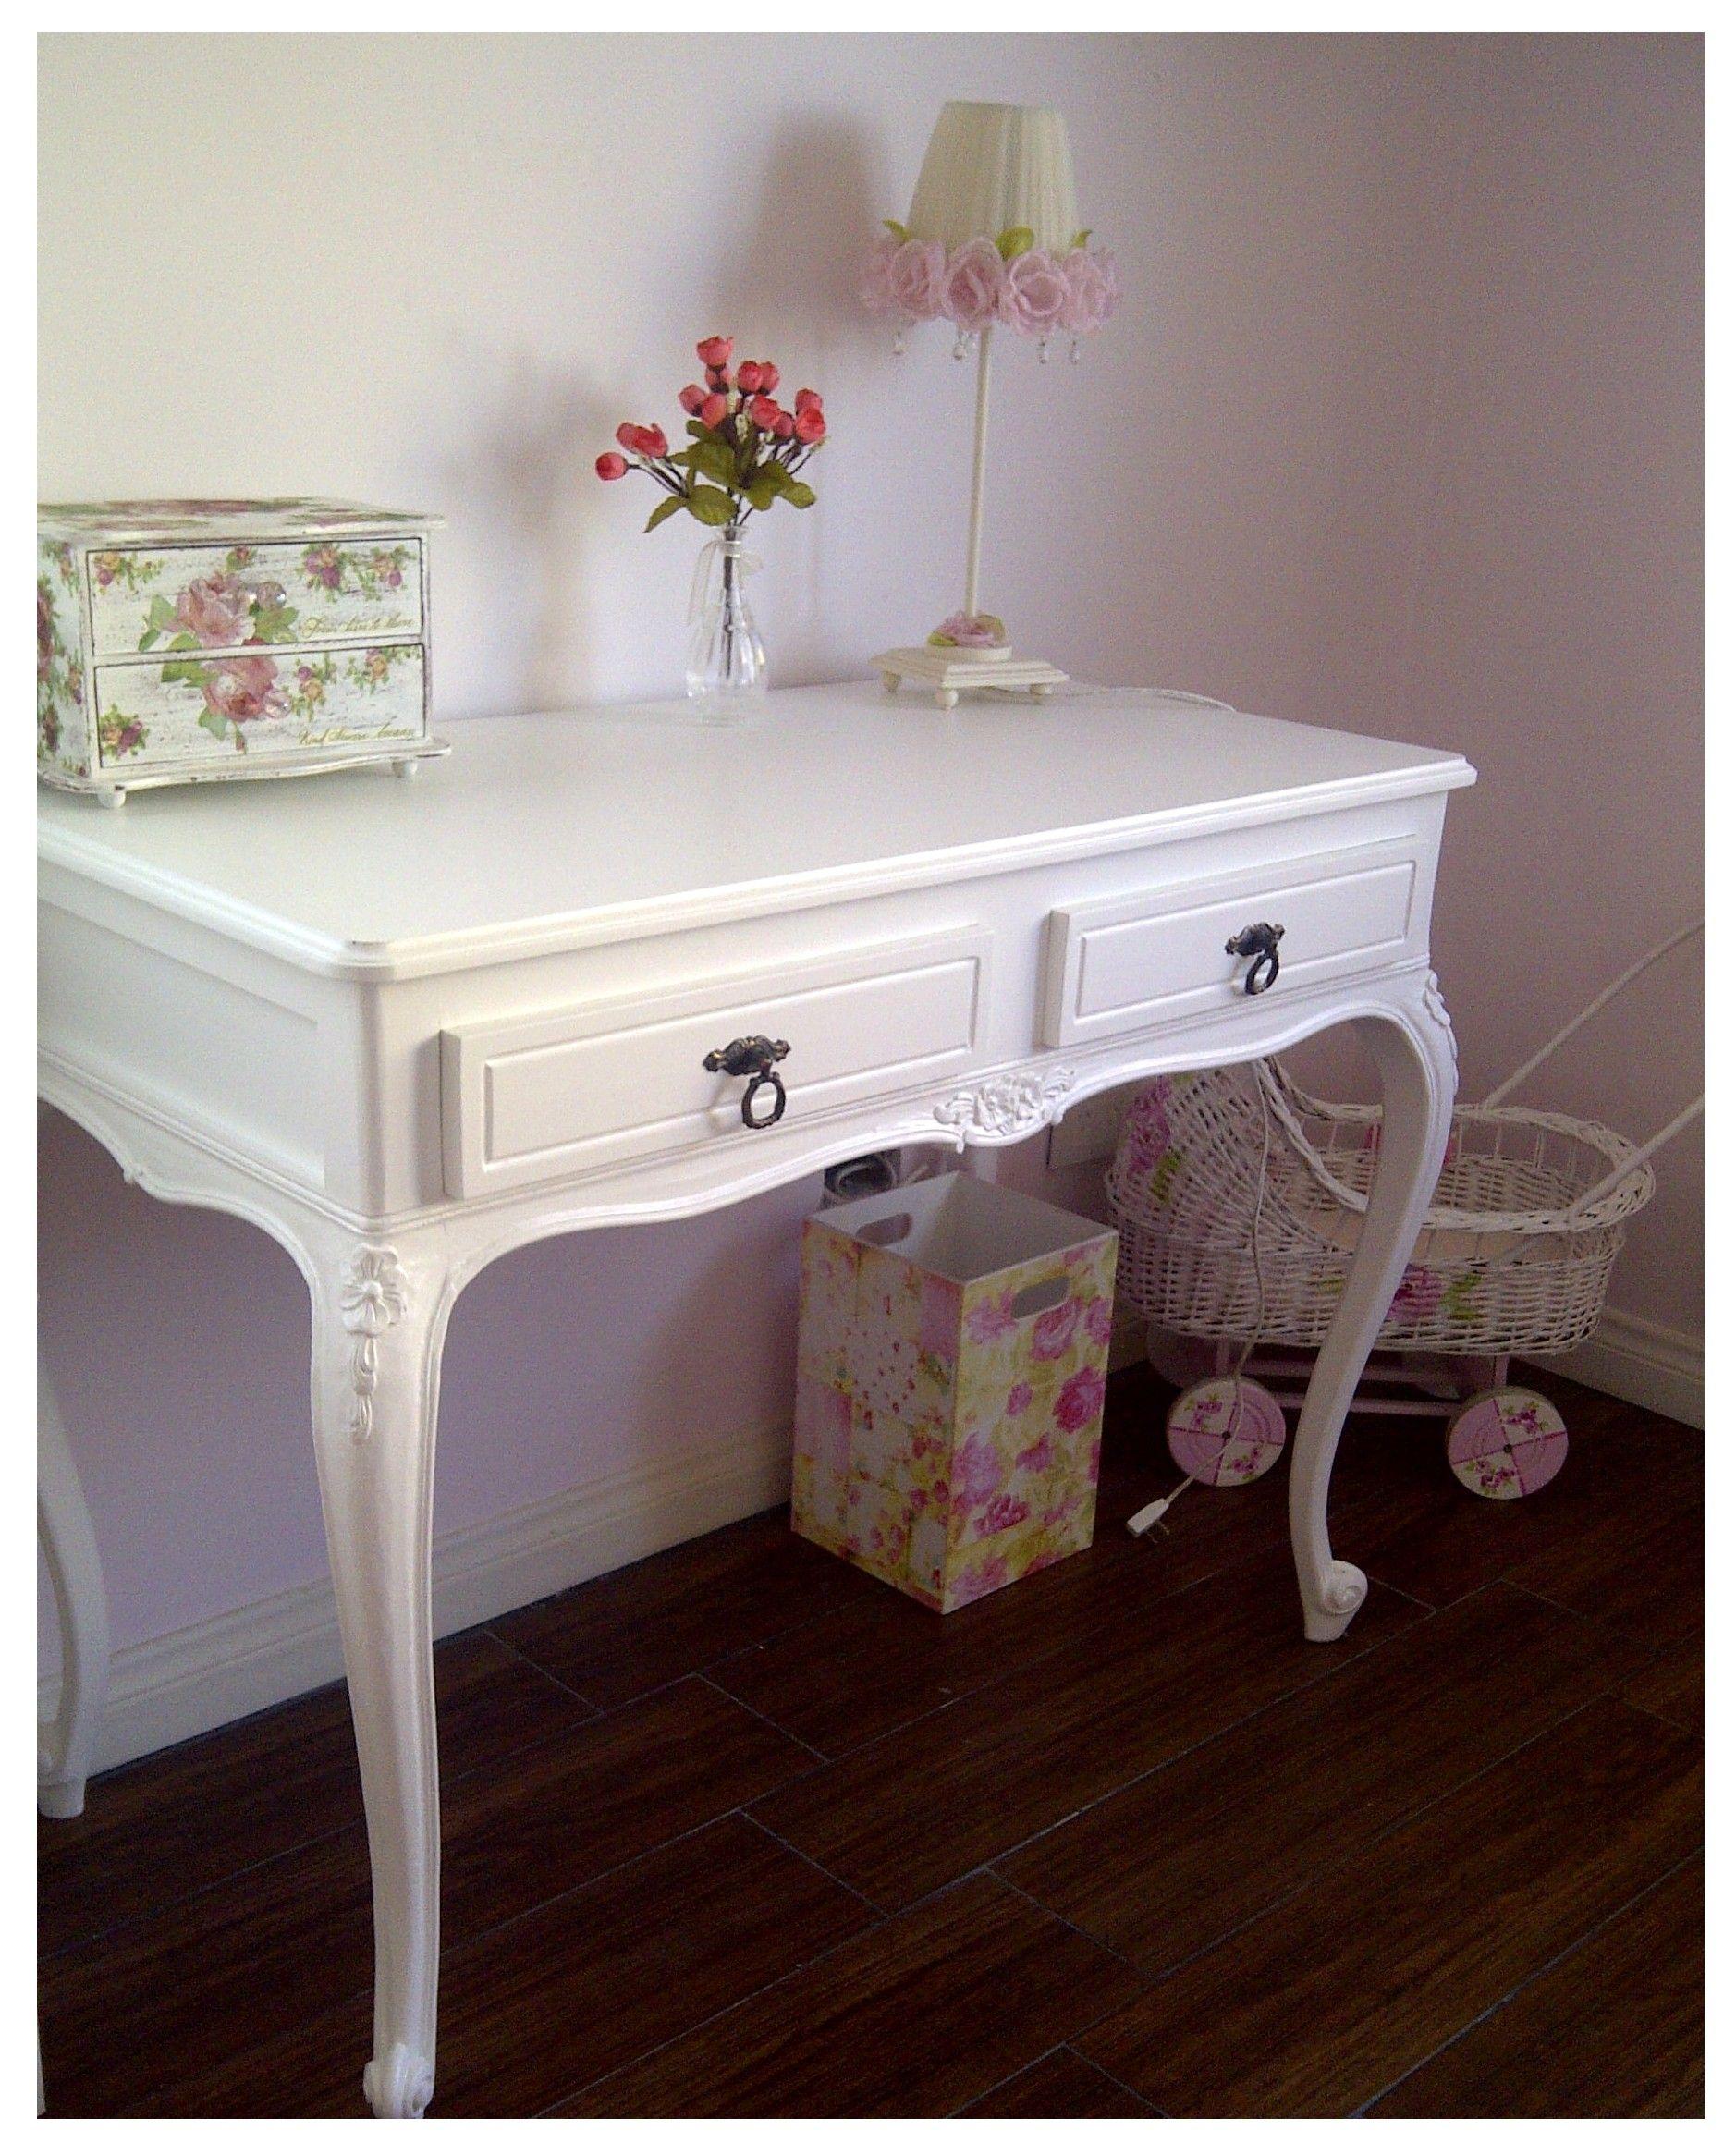 Escritorio de estilo franc s en blanco rom ntico y encantador muebles antique nouveau - Muebles romanticos ...